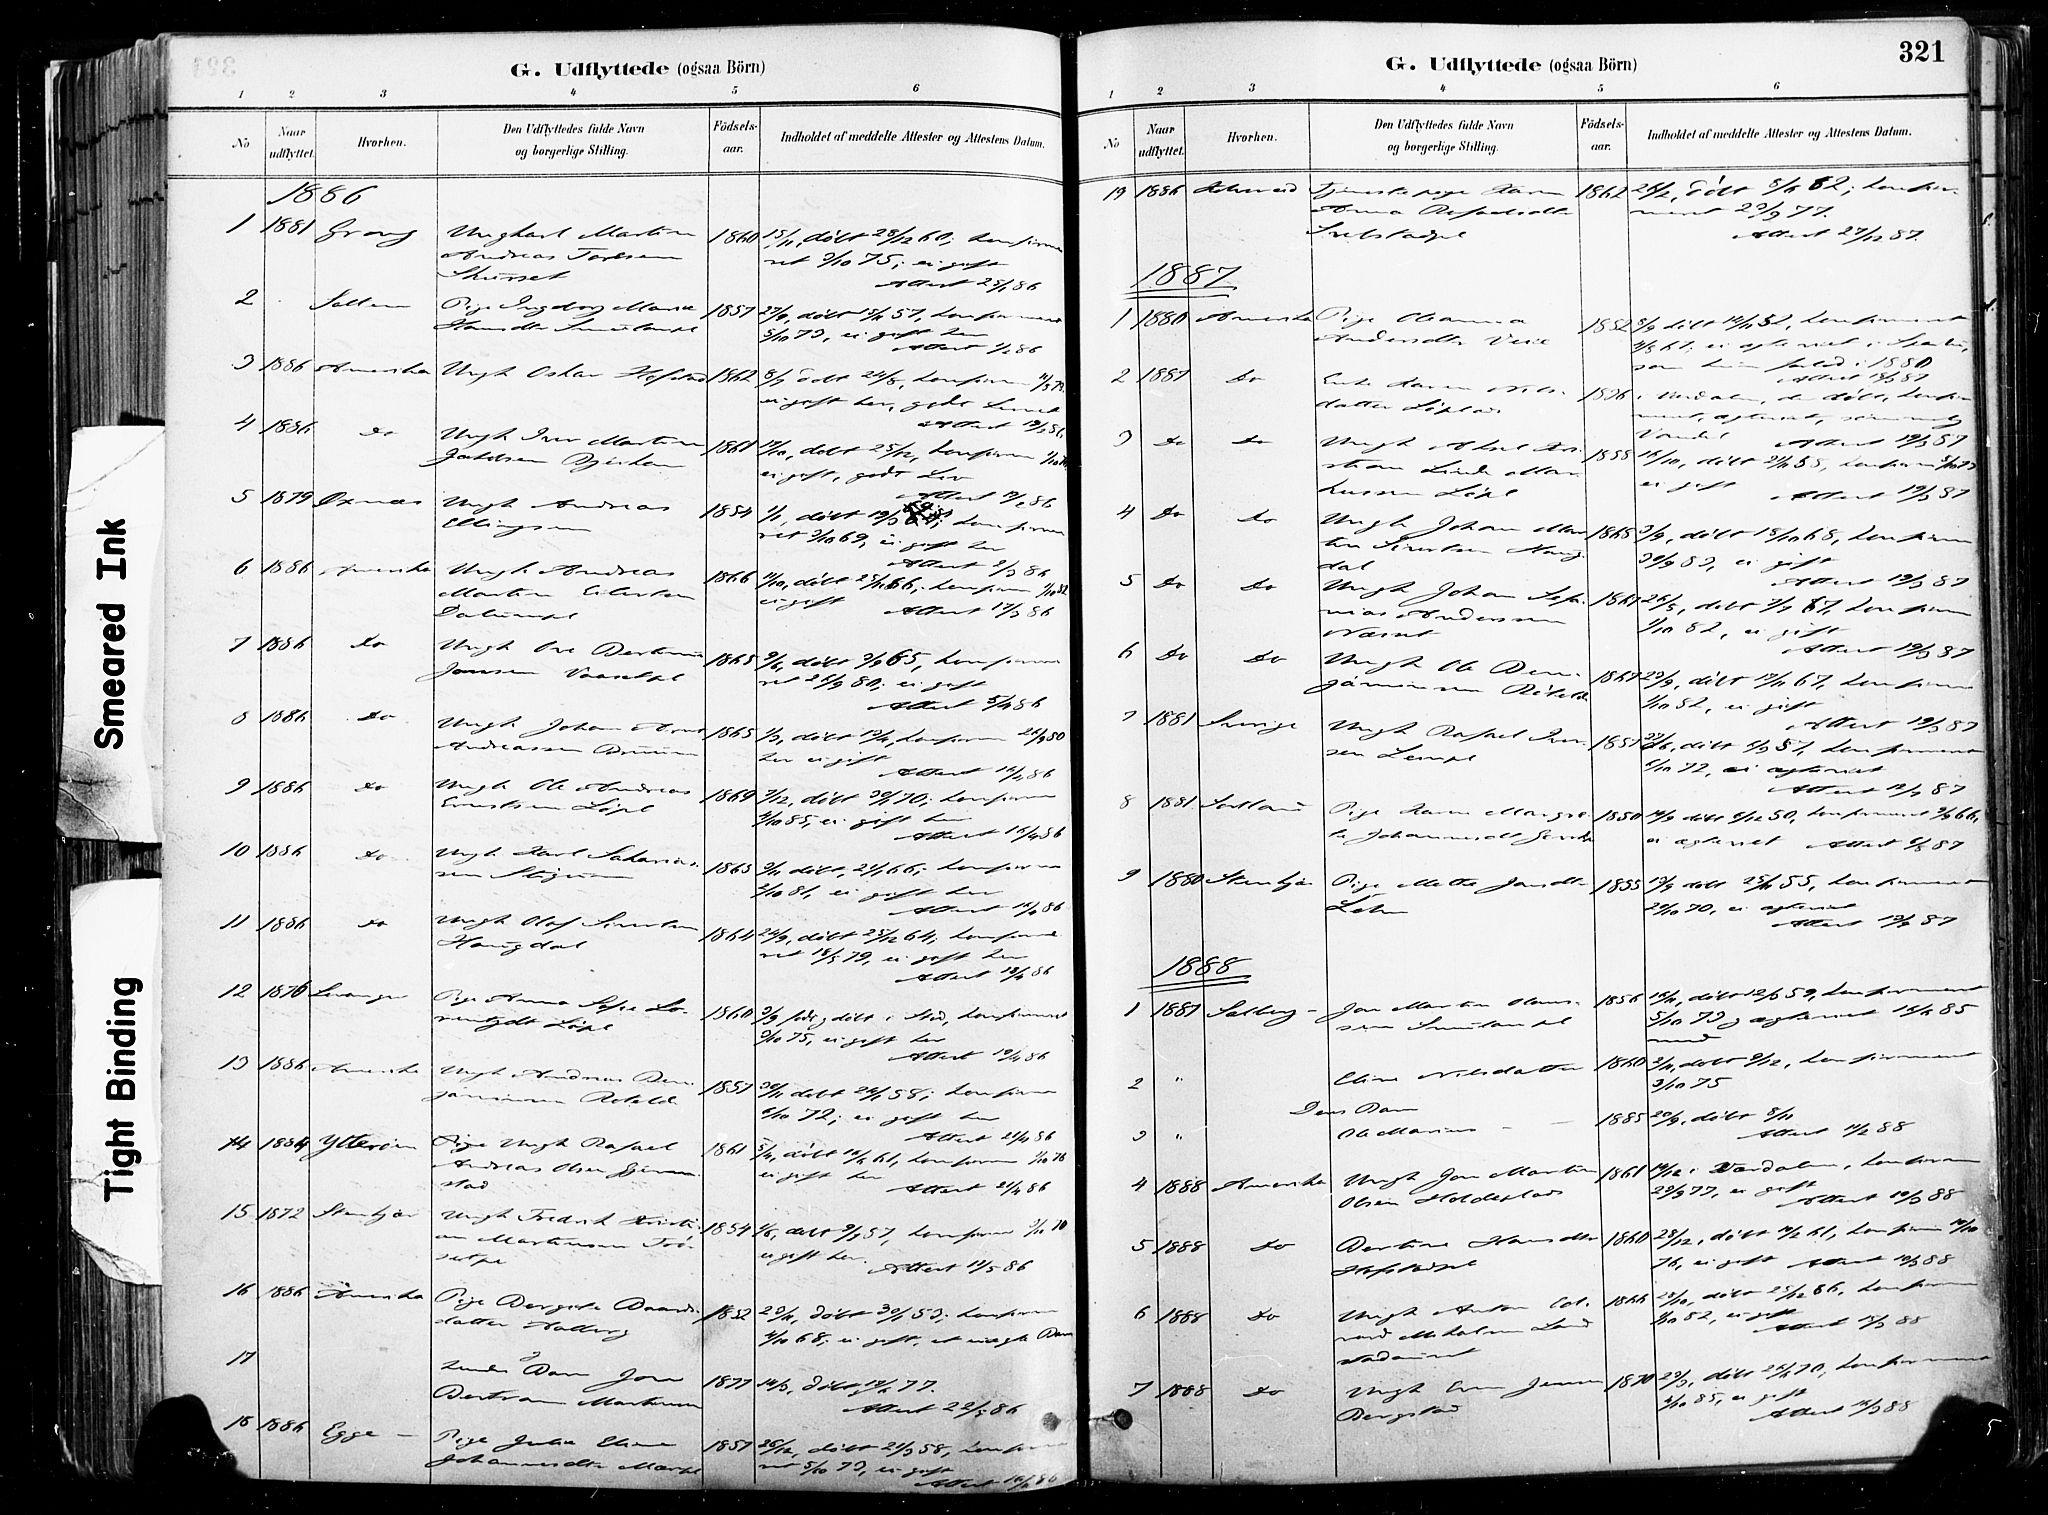 SAT, Ministerialprotokoller, klokkerbøker og fødselsregistre - Nord-Trøndelag, 735/L0351: Ministerialbok nr. 735A10, 1884-1908, s. 321